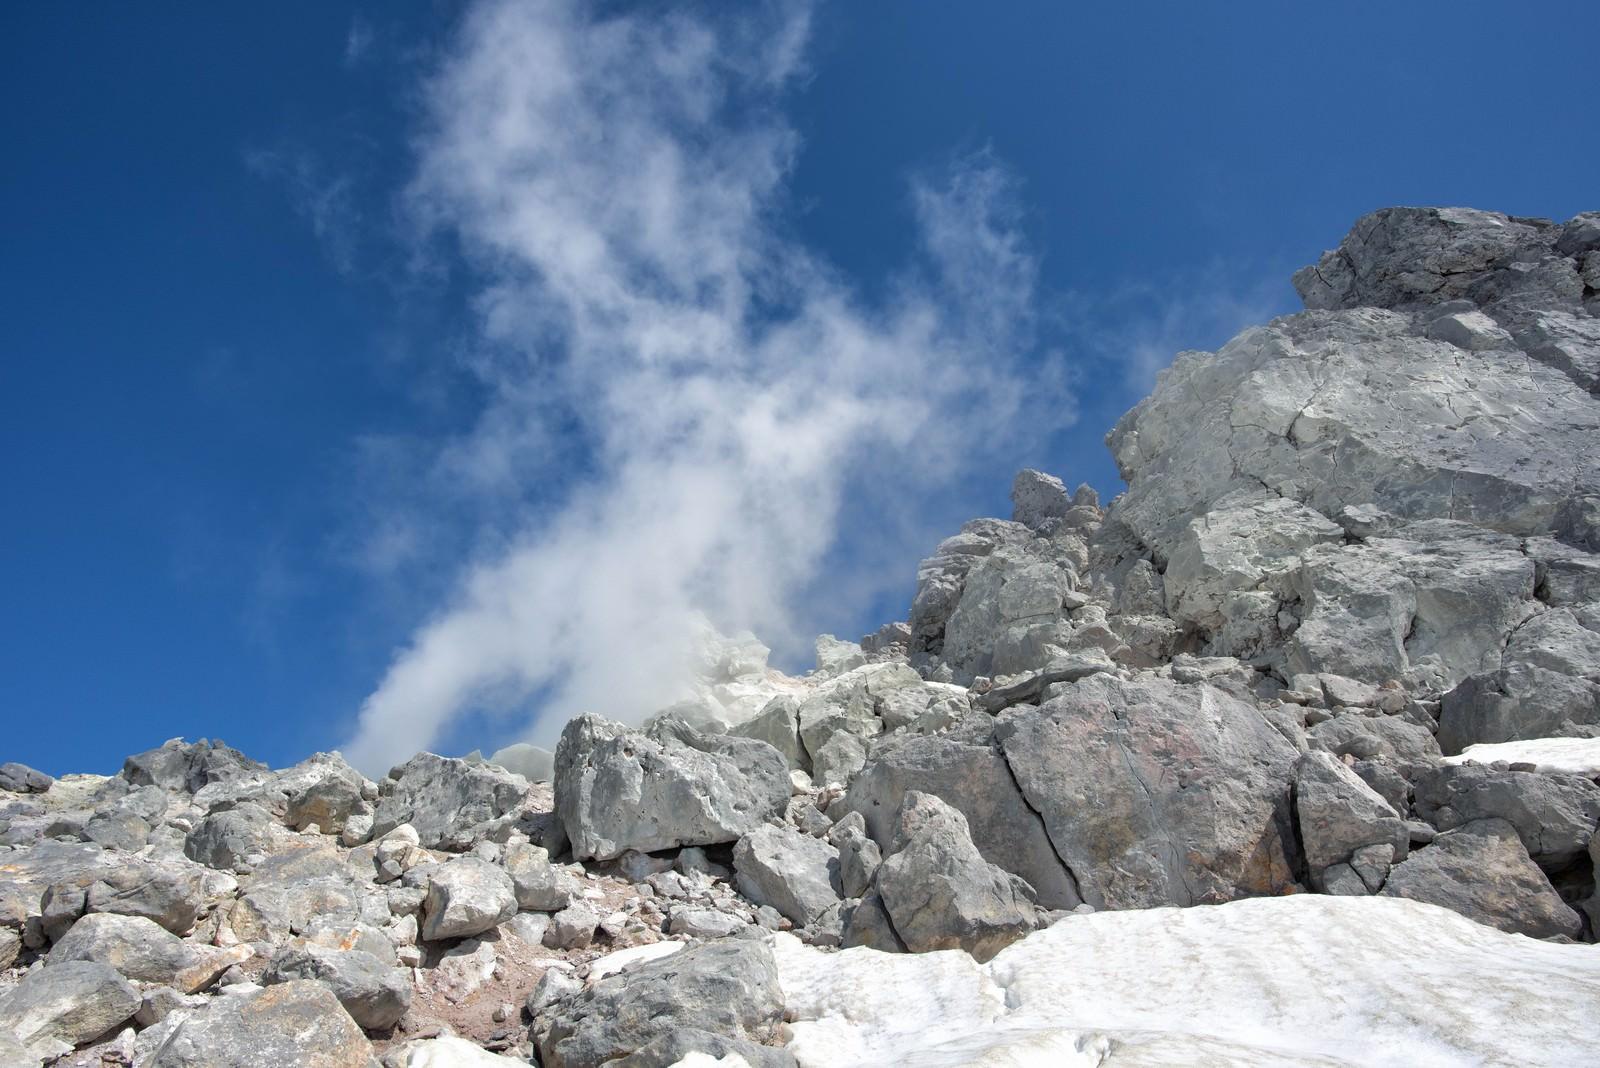 「盛んに噴気を出す焼岳の噴気孔」の写真